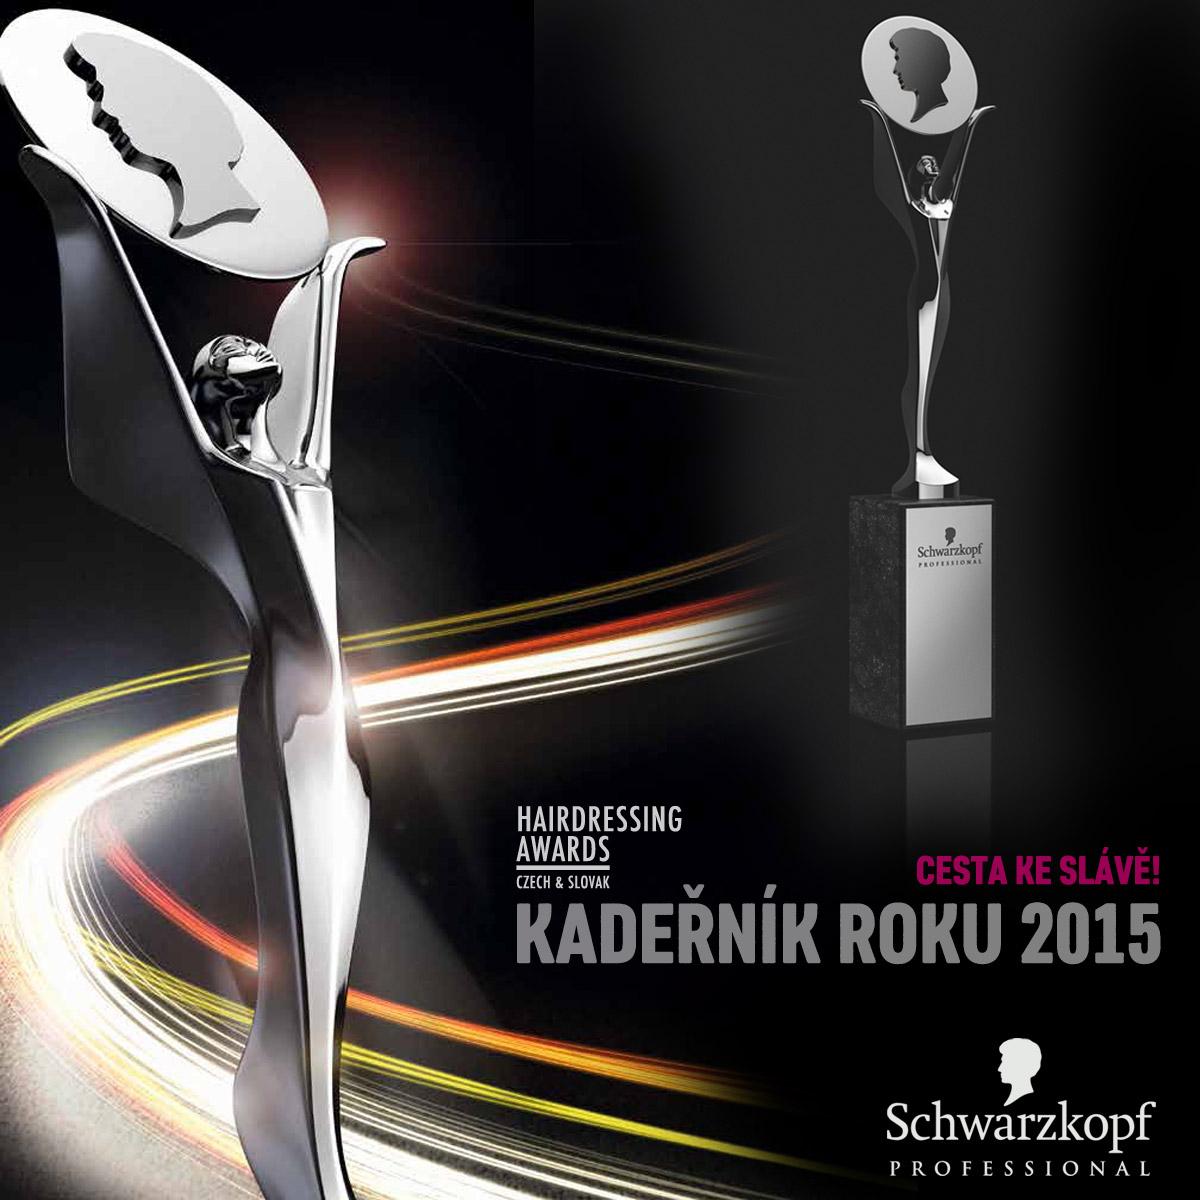 Cena Czech and Slovak Hairdressing Awards – kdo ji získá za rok 2015?